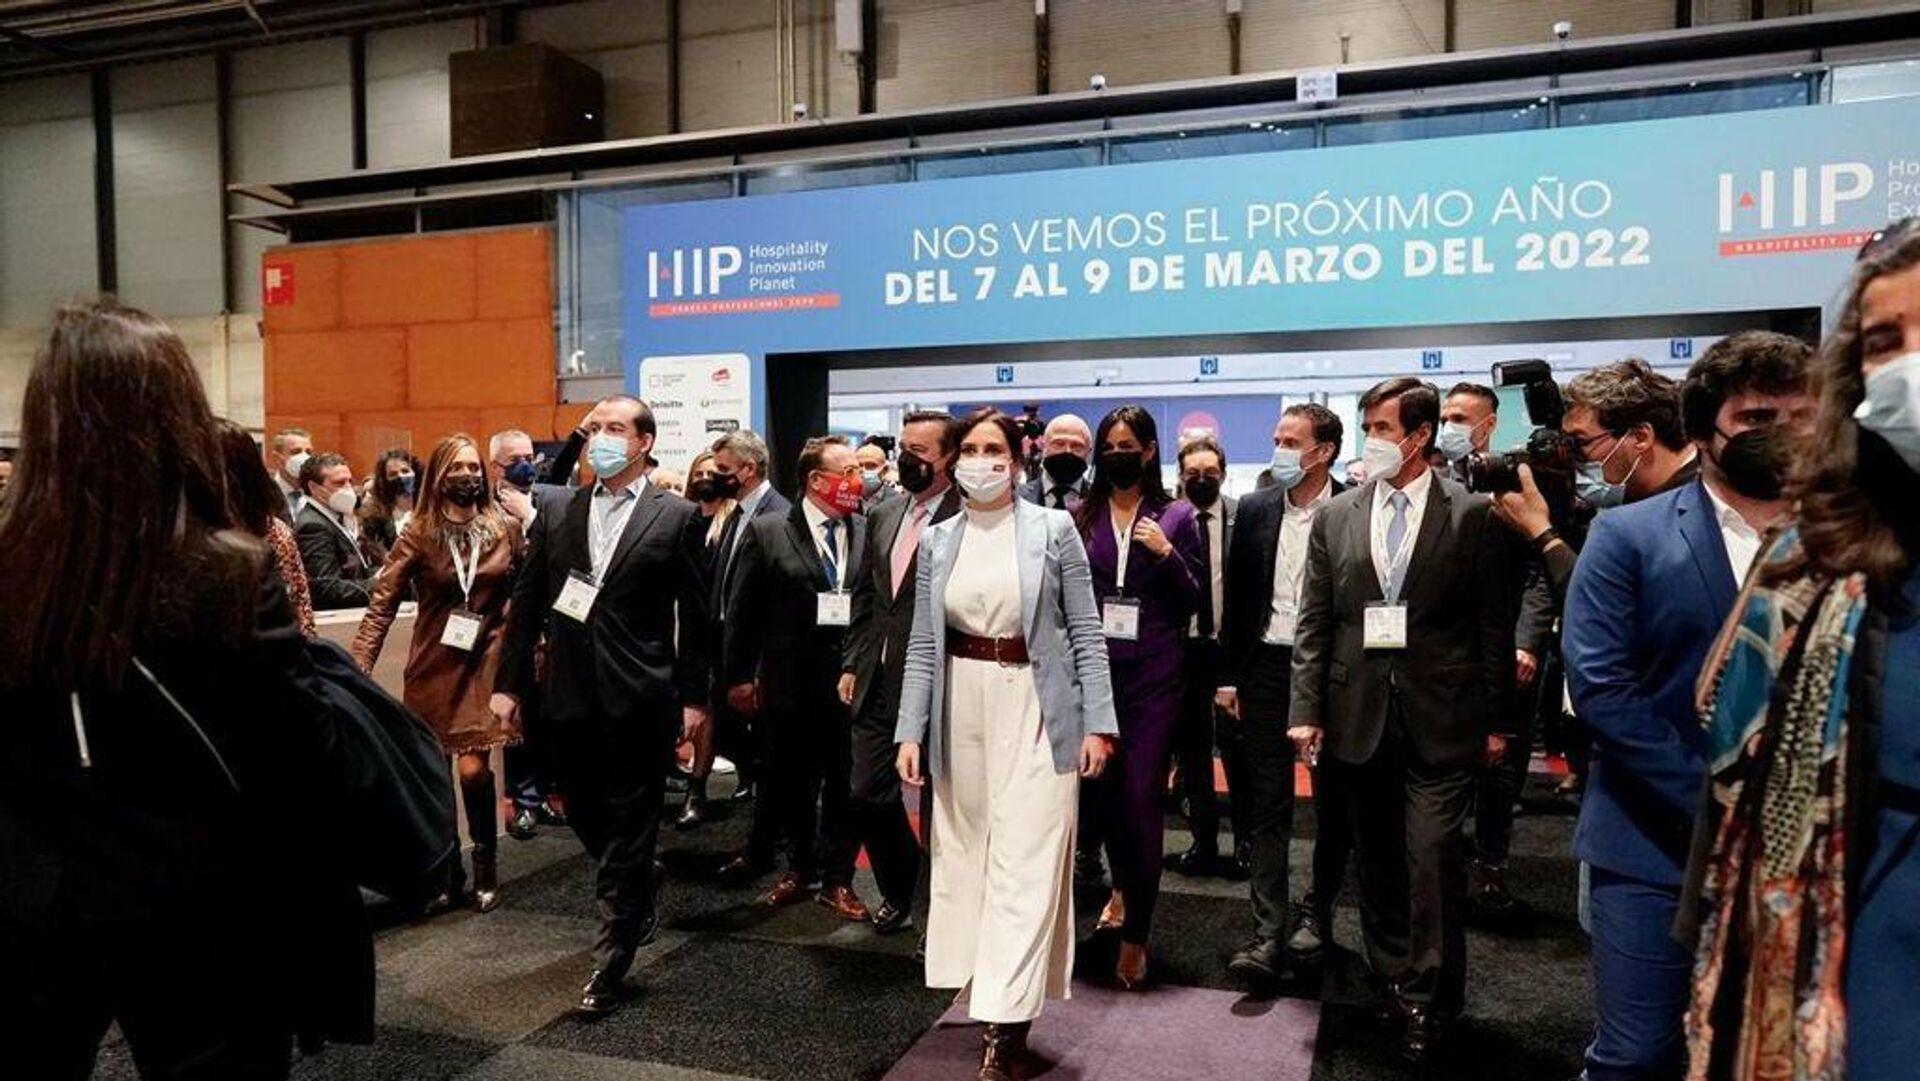 HIP Horeca Professional Expo 2021, un evento de innovación para profesionales de la hostelería y la restauración en la Feria de Madrid (Ifema), España - Sputnik Mundo, 1920, 22.03.2021